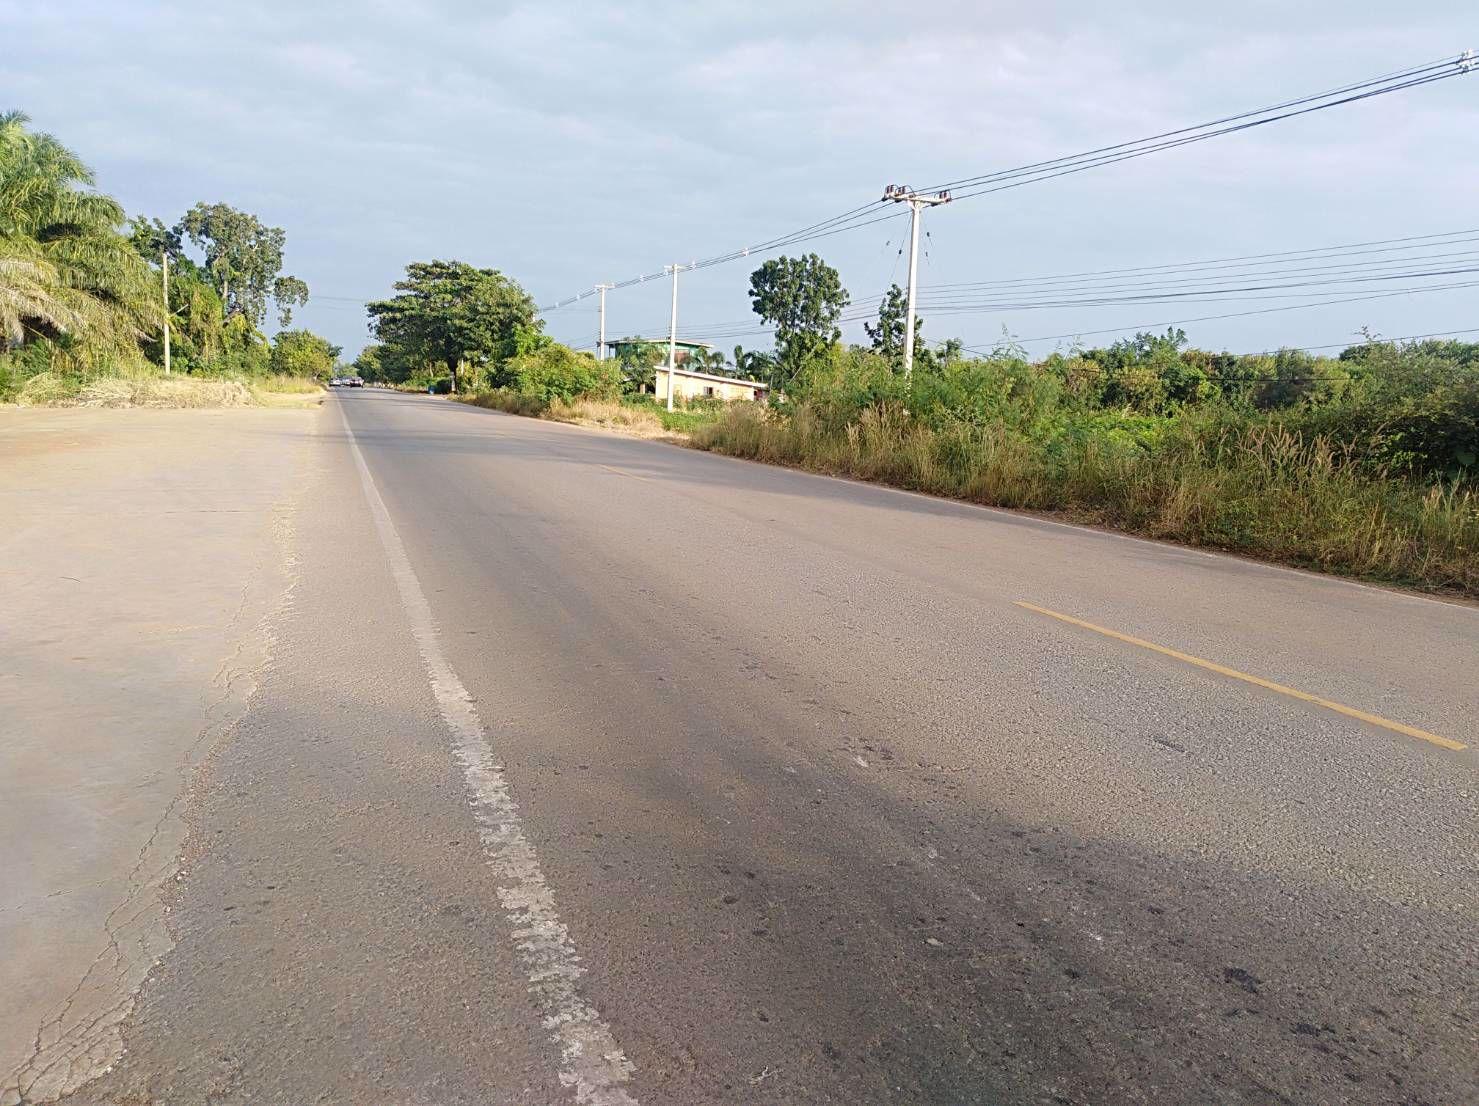 ขายที่ดิน-13-1-86ไร่-ด้านหน้าติดถนน-ด้านหลังติดน้ำ-มีน้ำตลอดทั้งปี-บรรยากาศดี-อหนองม่วง-จลพบุรี